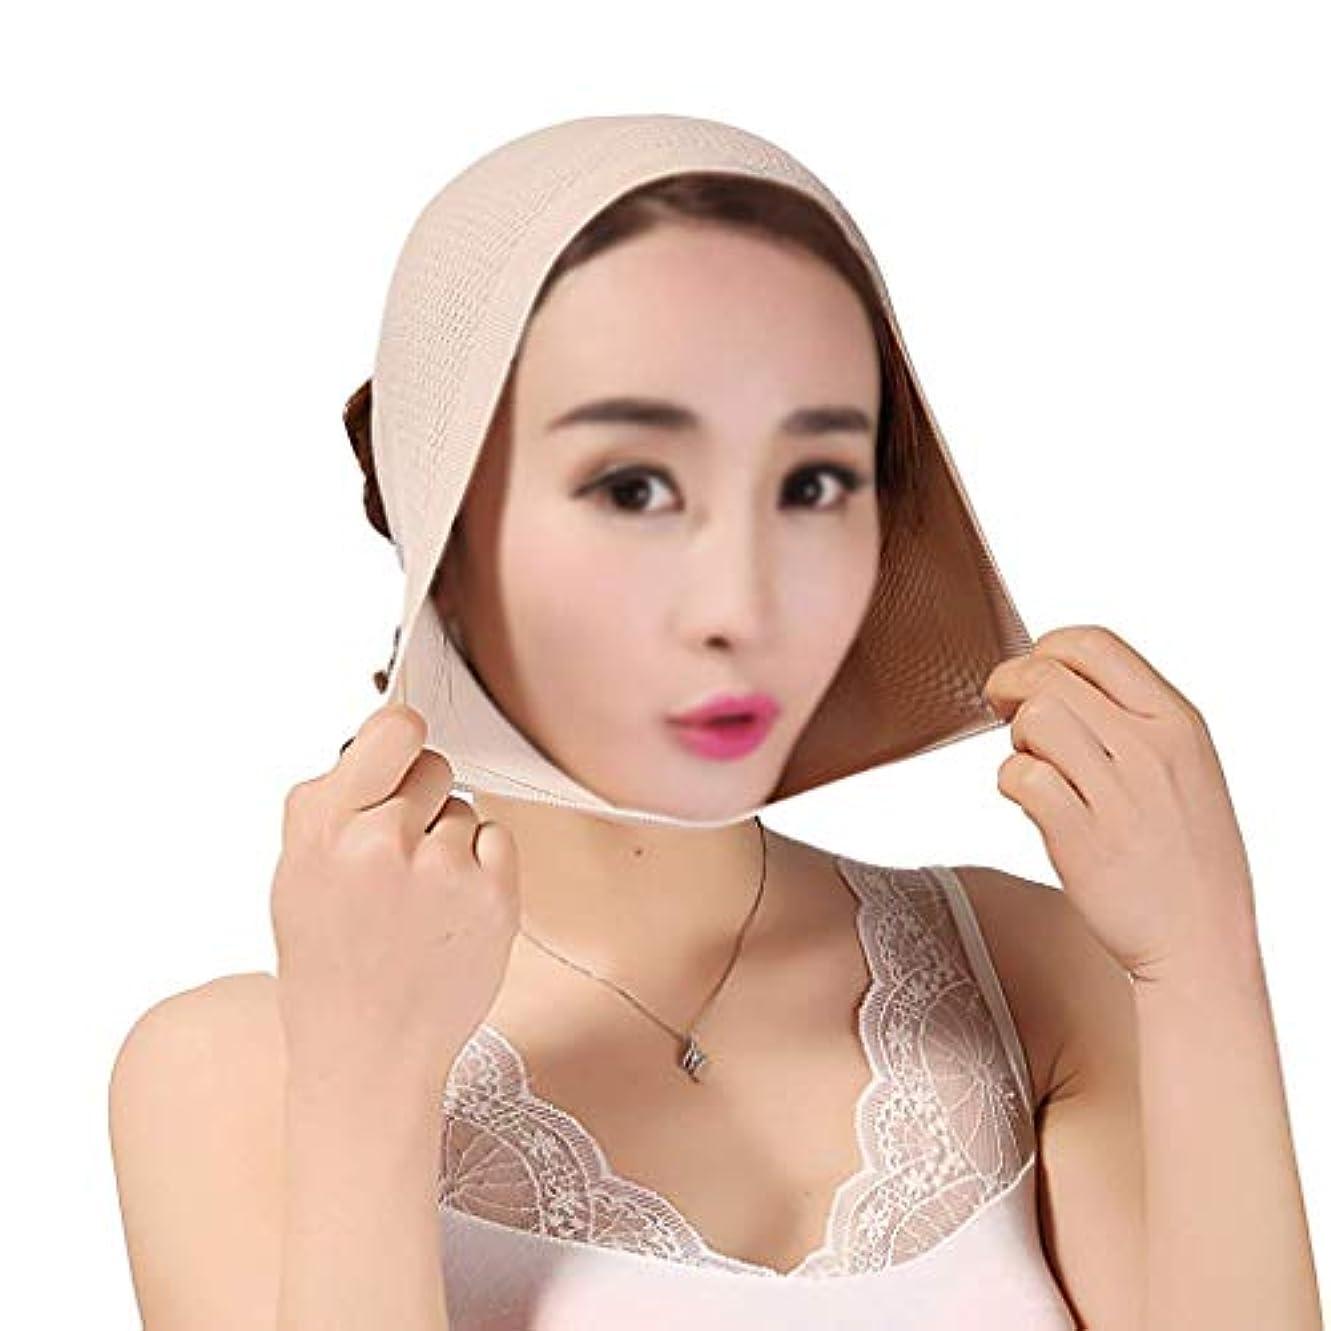 それにもかかわらず揮発性位置づけるSlim身ベルト、フェイシャルマスク薄い顔のマスク睡眠薄い顔の包帯薄い顔のマスクフェイスリフトアーティファクトスモールV顔にダブルチンリフト引き締め顔訂正